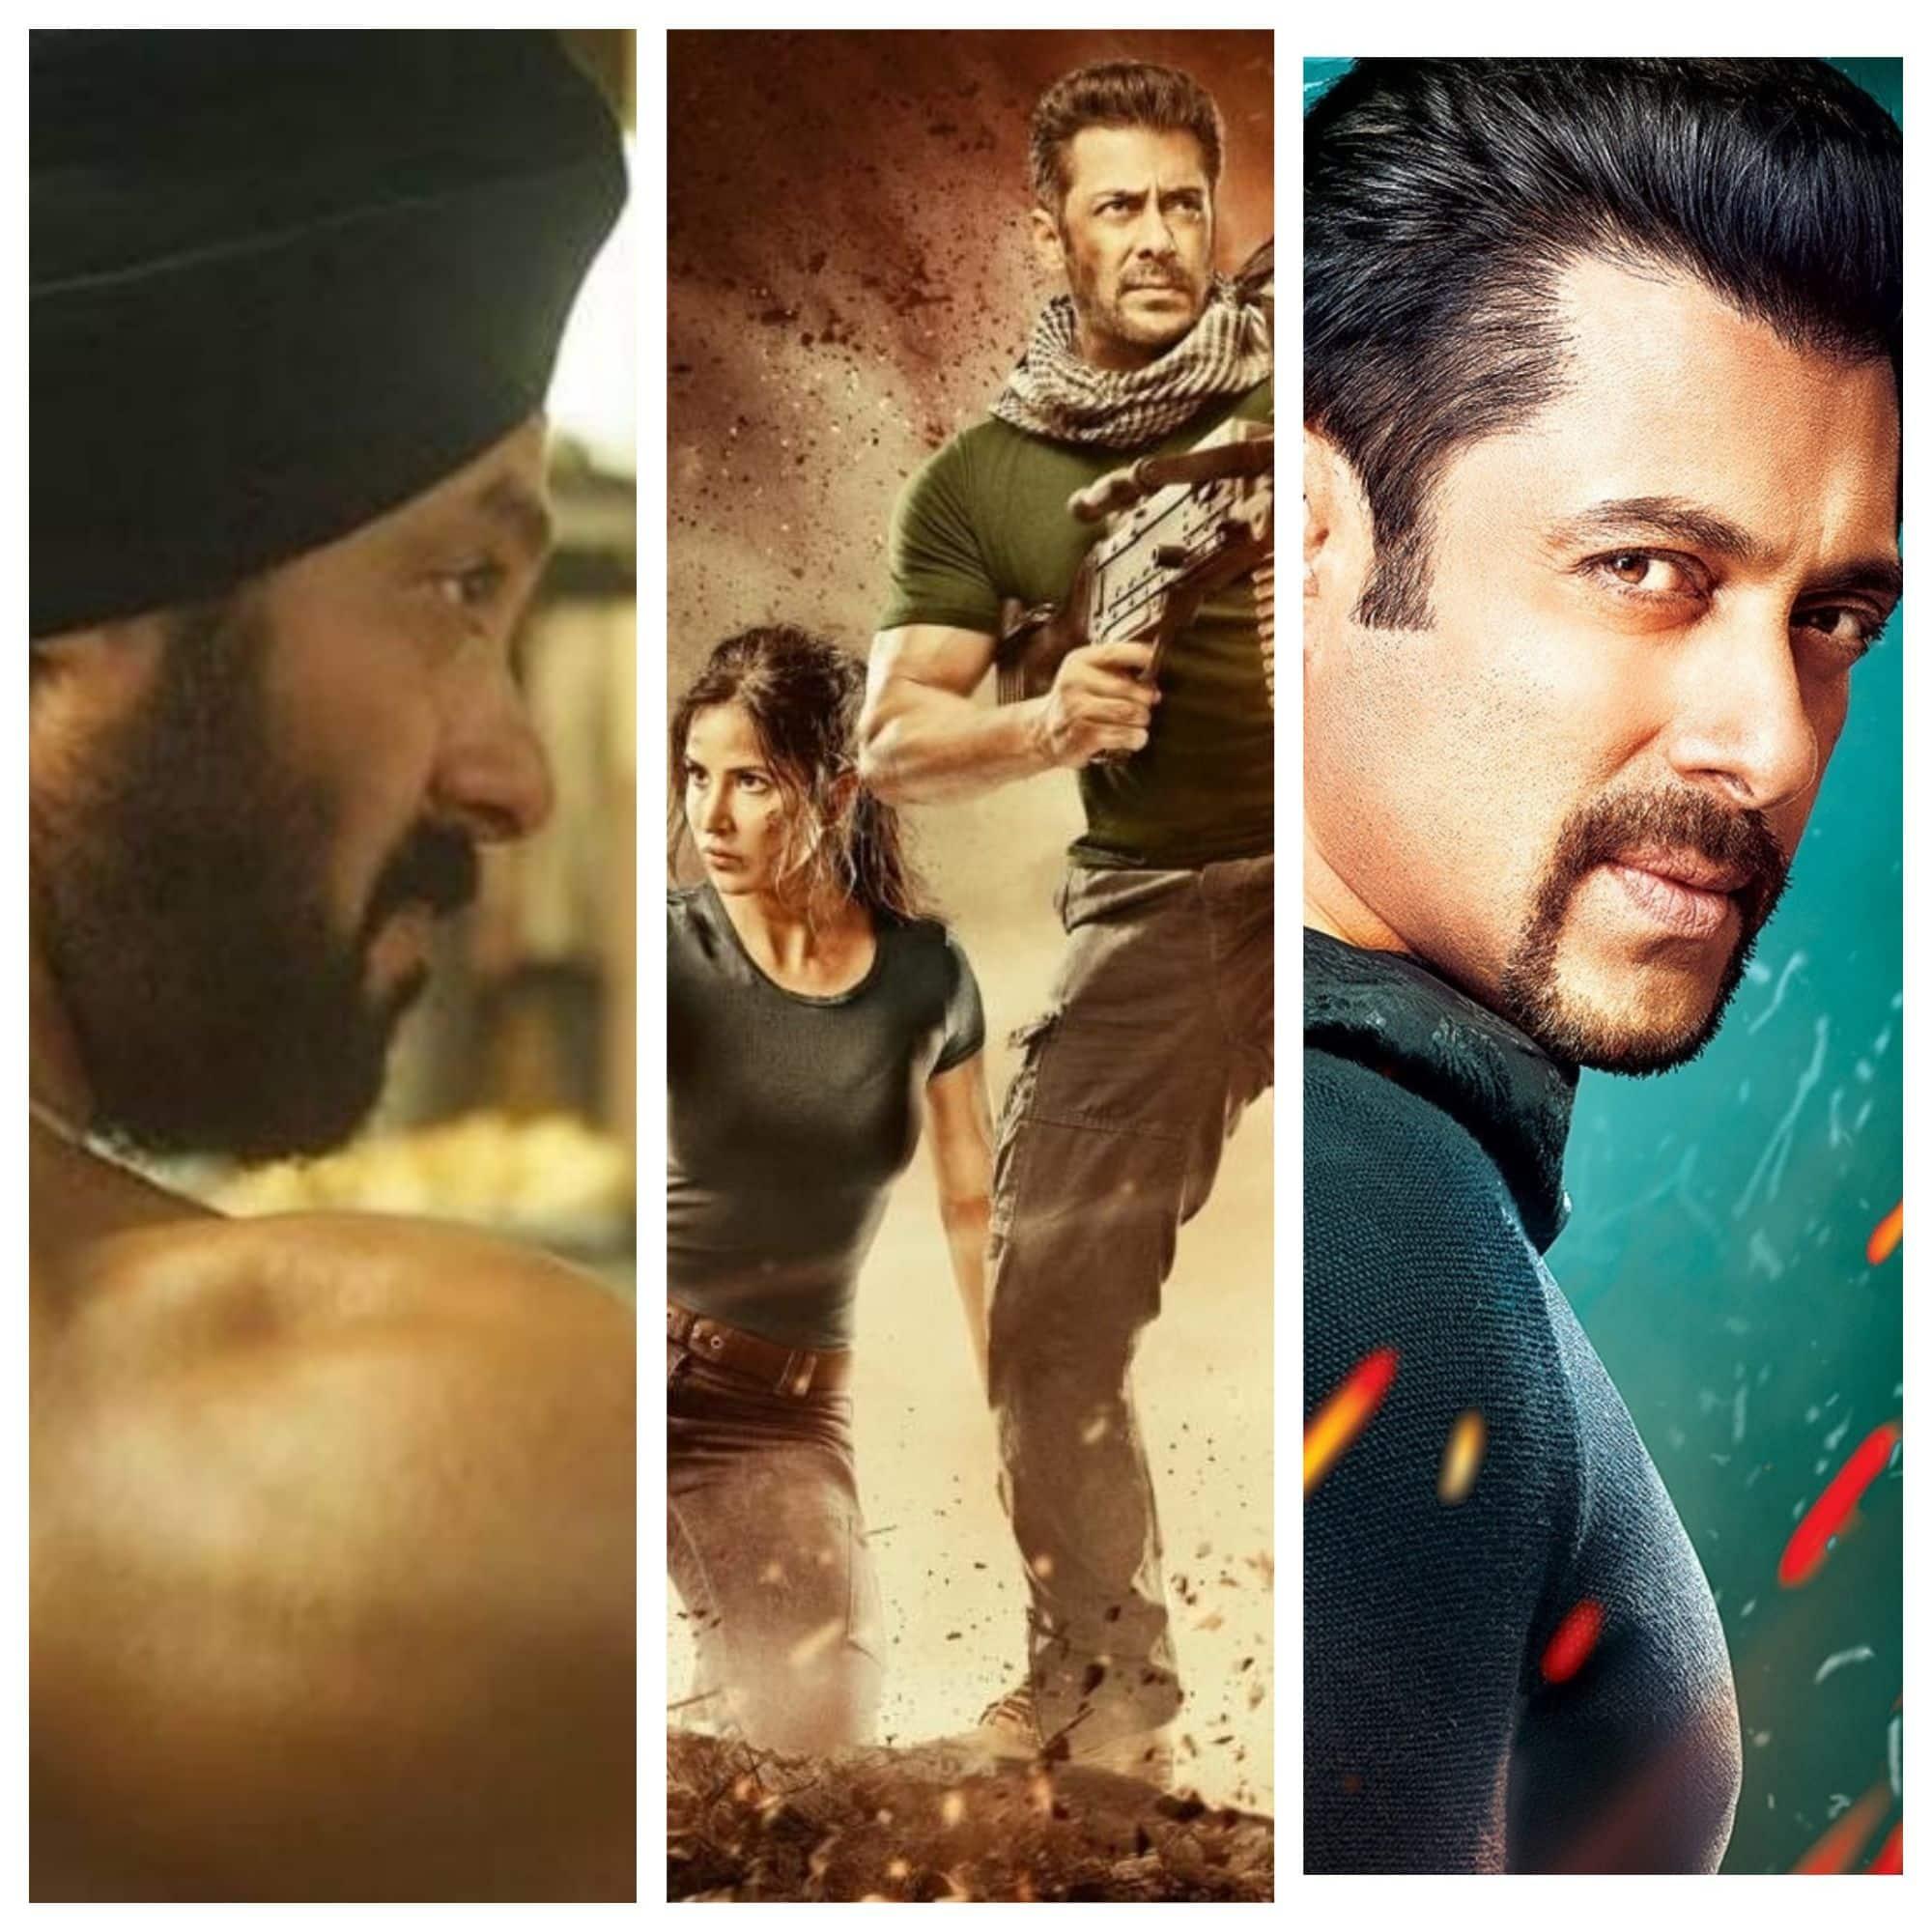 भाईजान की ये फिल्में करेंगी 1500 करोड़ की कमाई